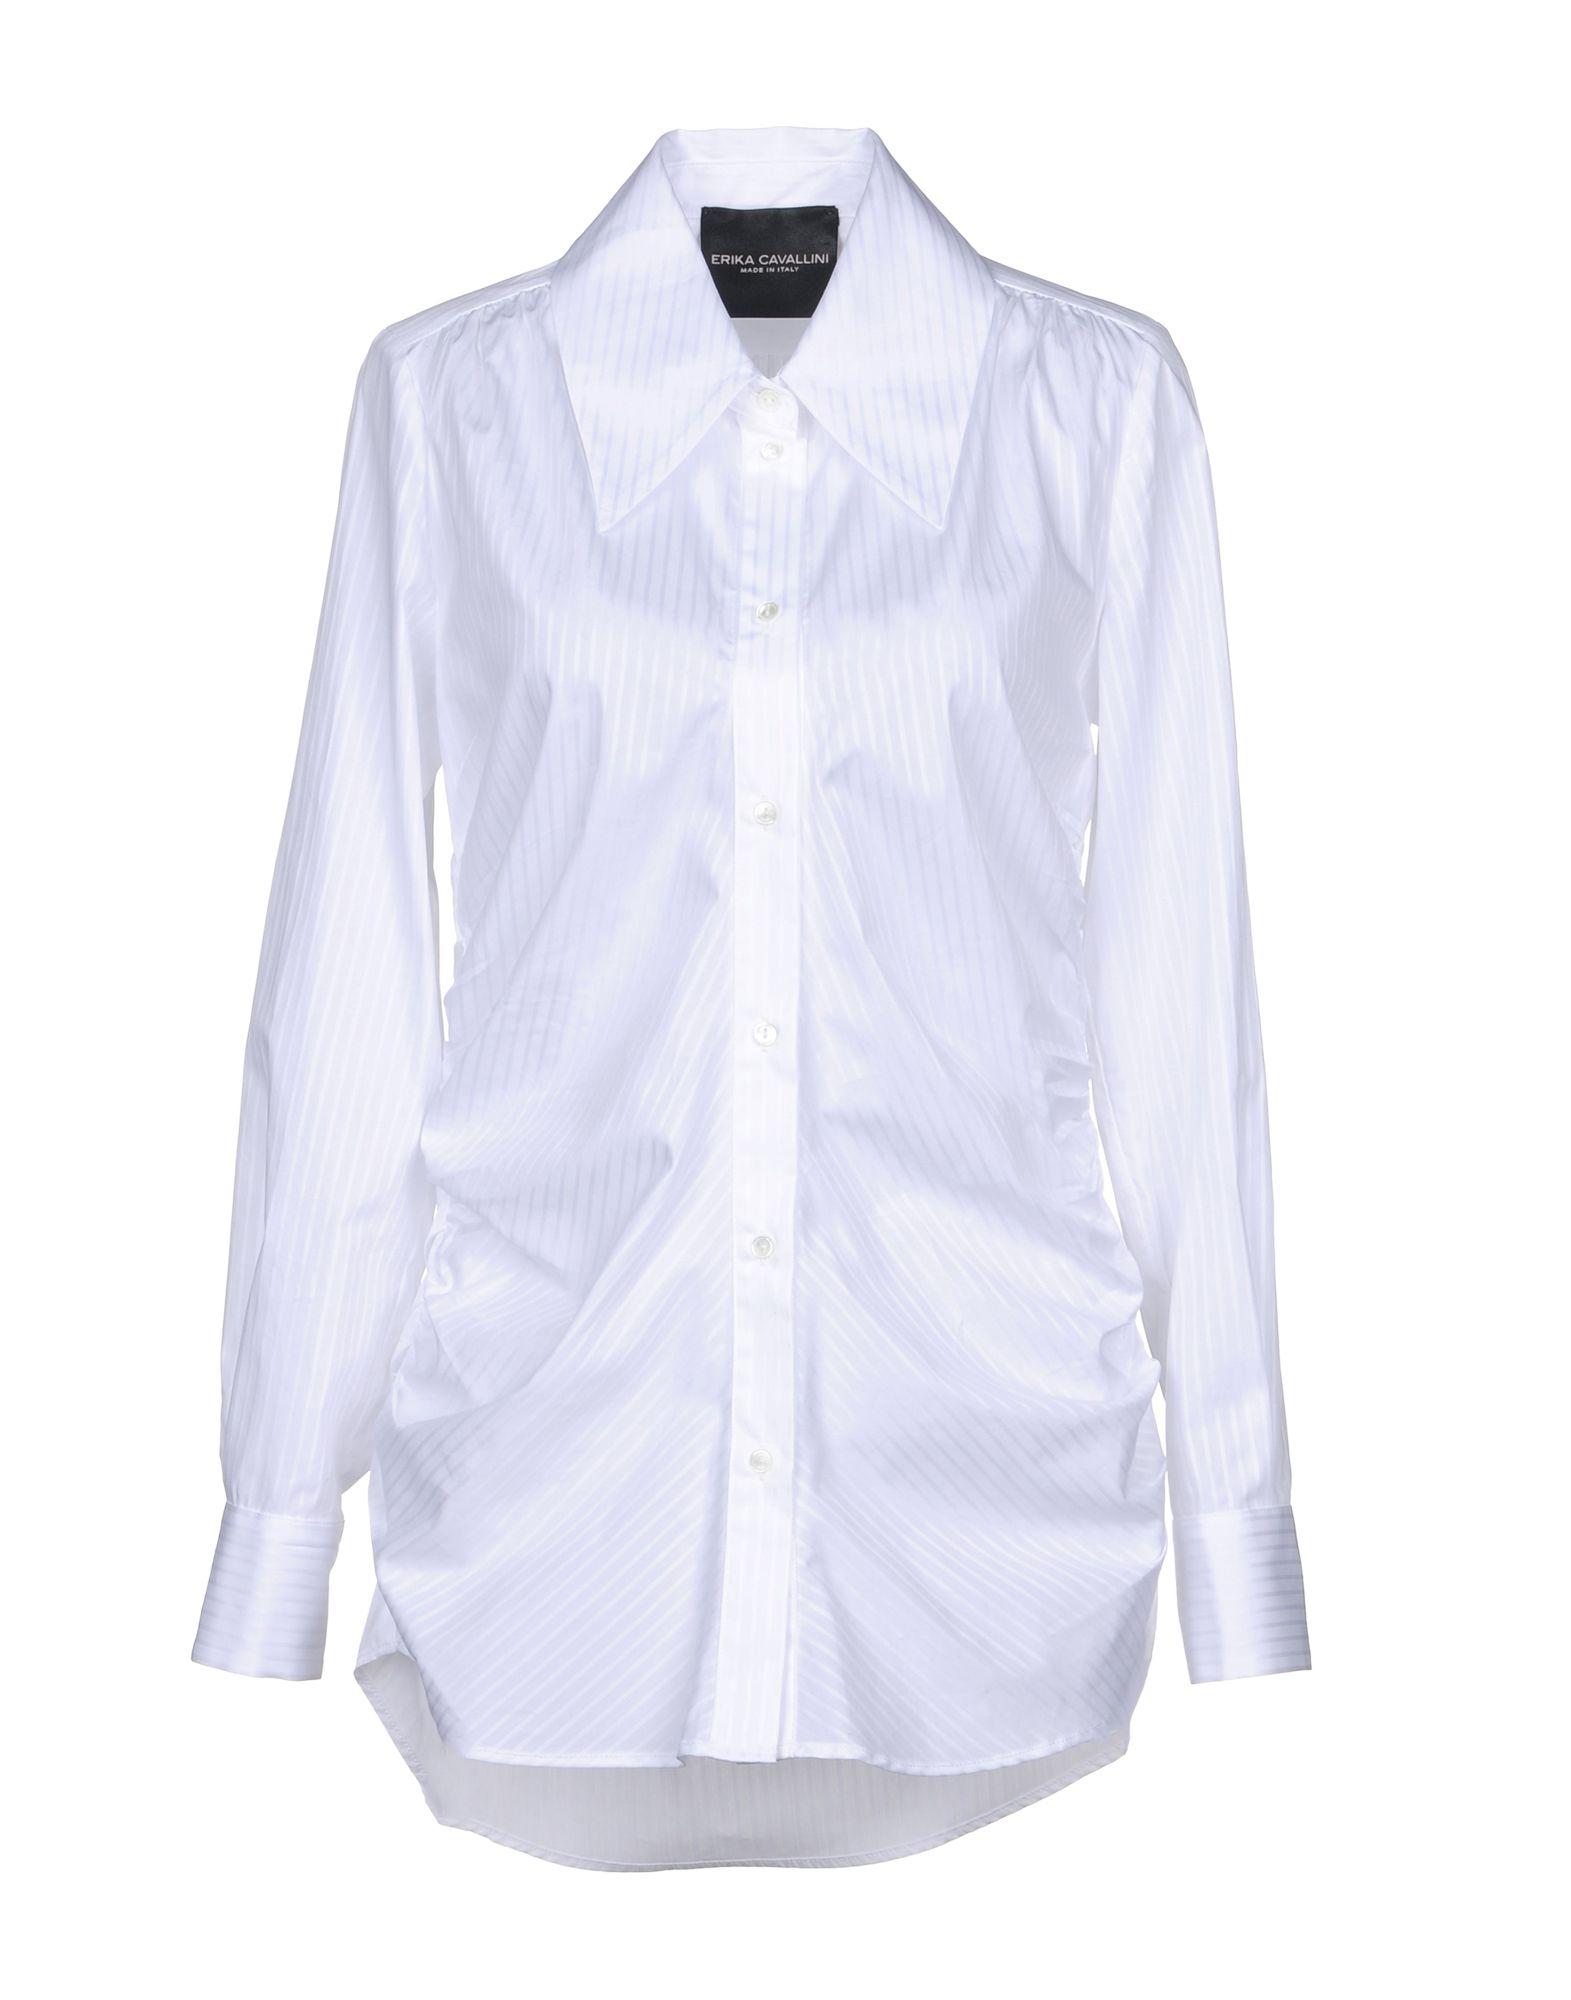 Camicia A Righe Erika Cavallini Donna - Acquista online su Clxs0sVvR